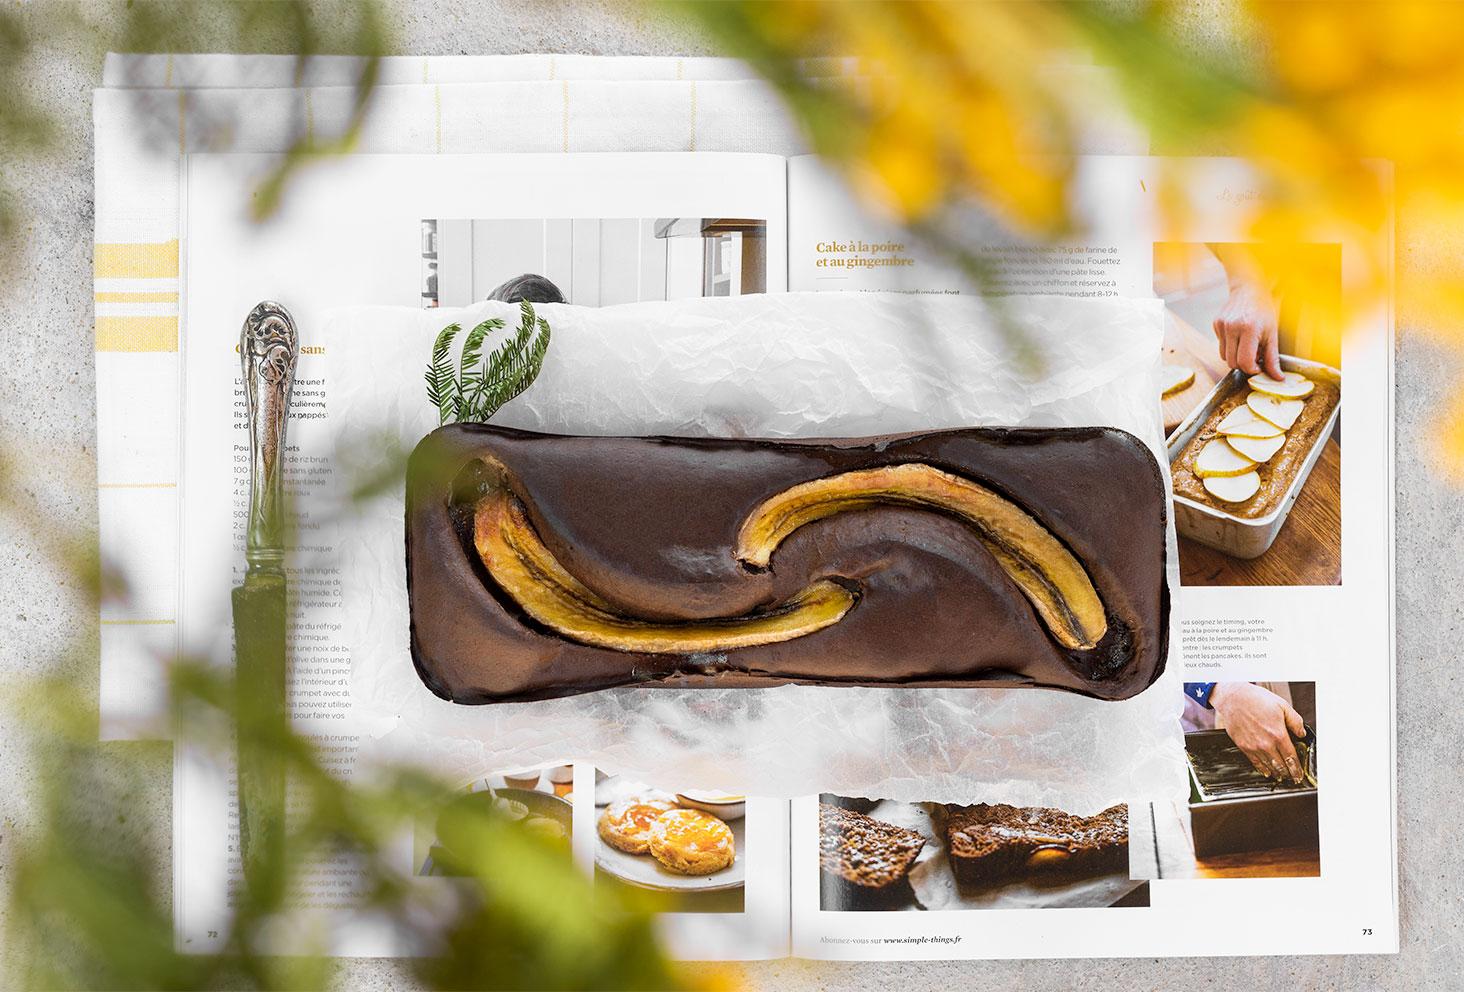 Une recette facile de banana bread protéiné au chocolat en flatlay, réalisé avec le Fit Chocolate de Natural Mojo, posé sur un magazine culinaire ouvert sous des fleurs jaunes